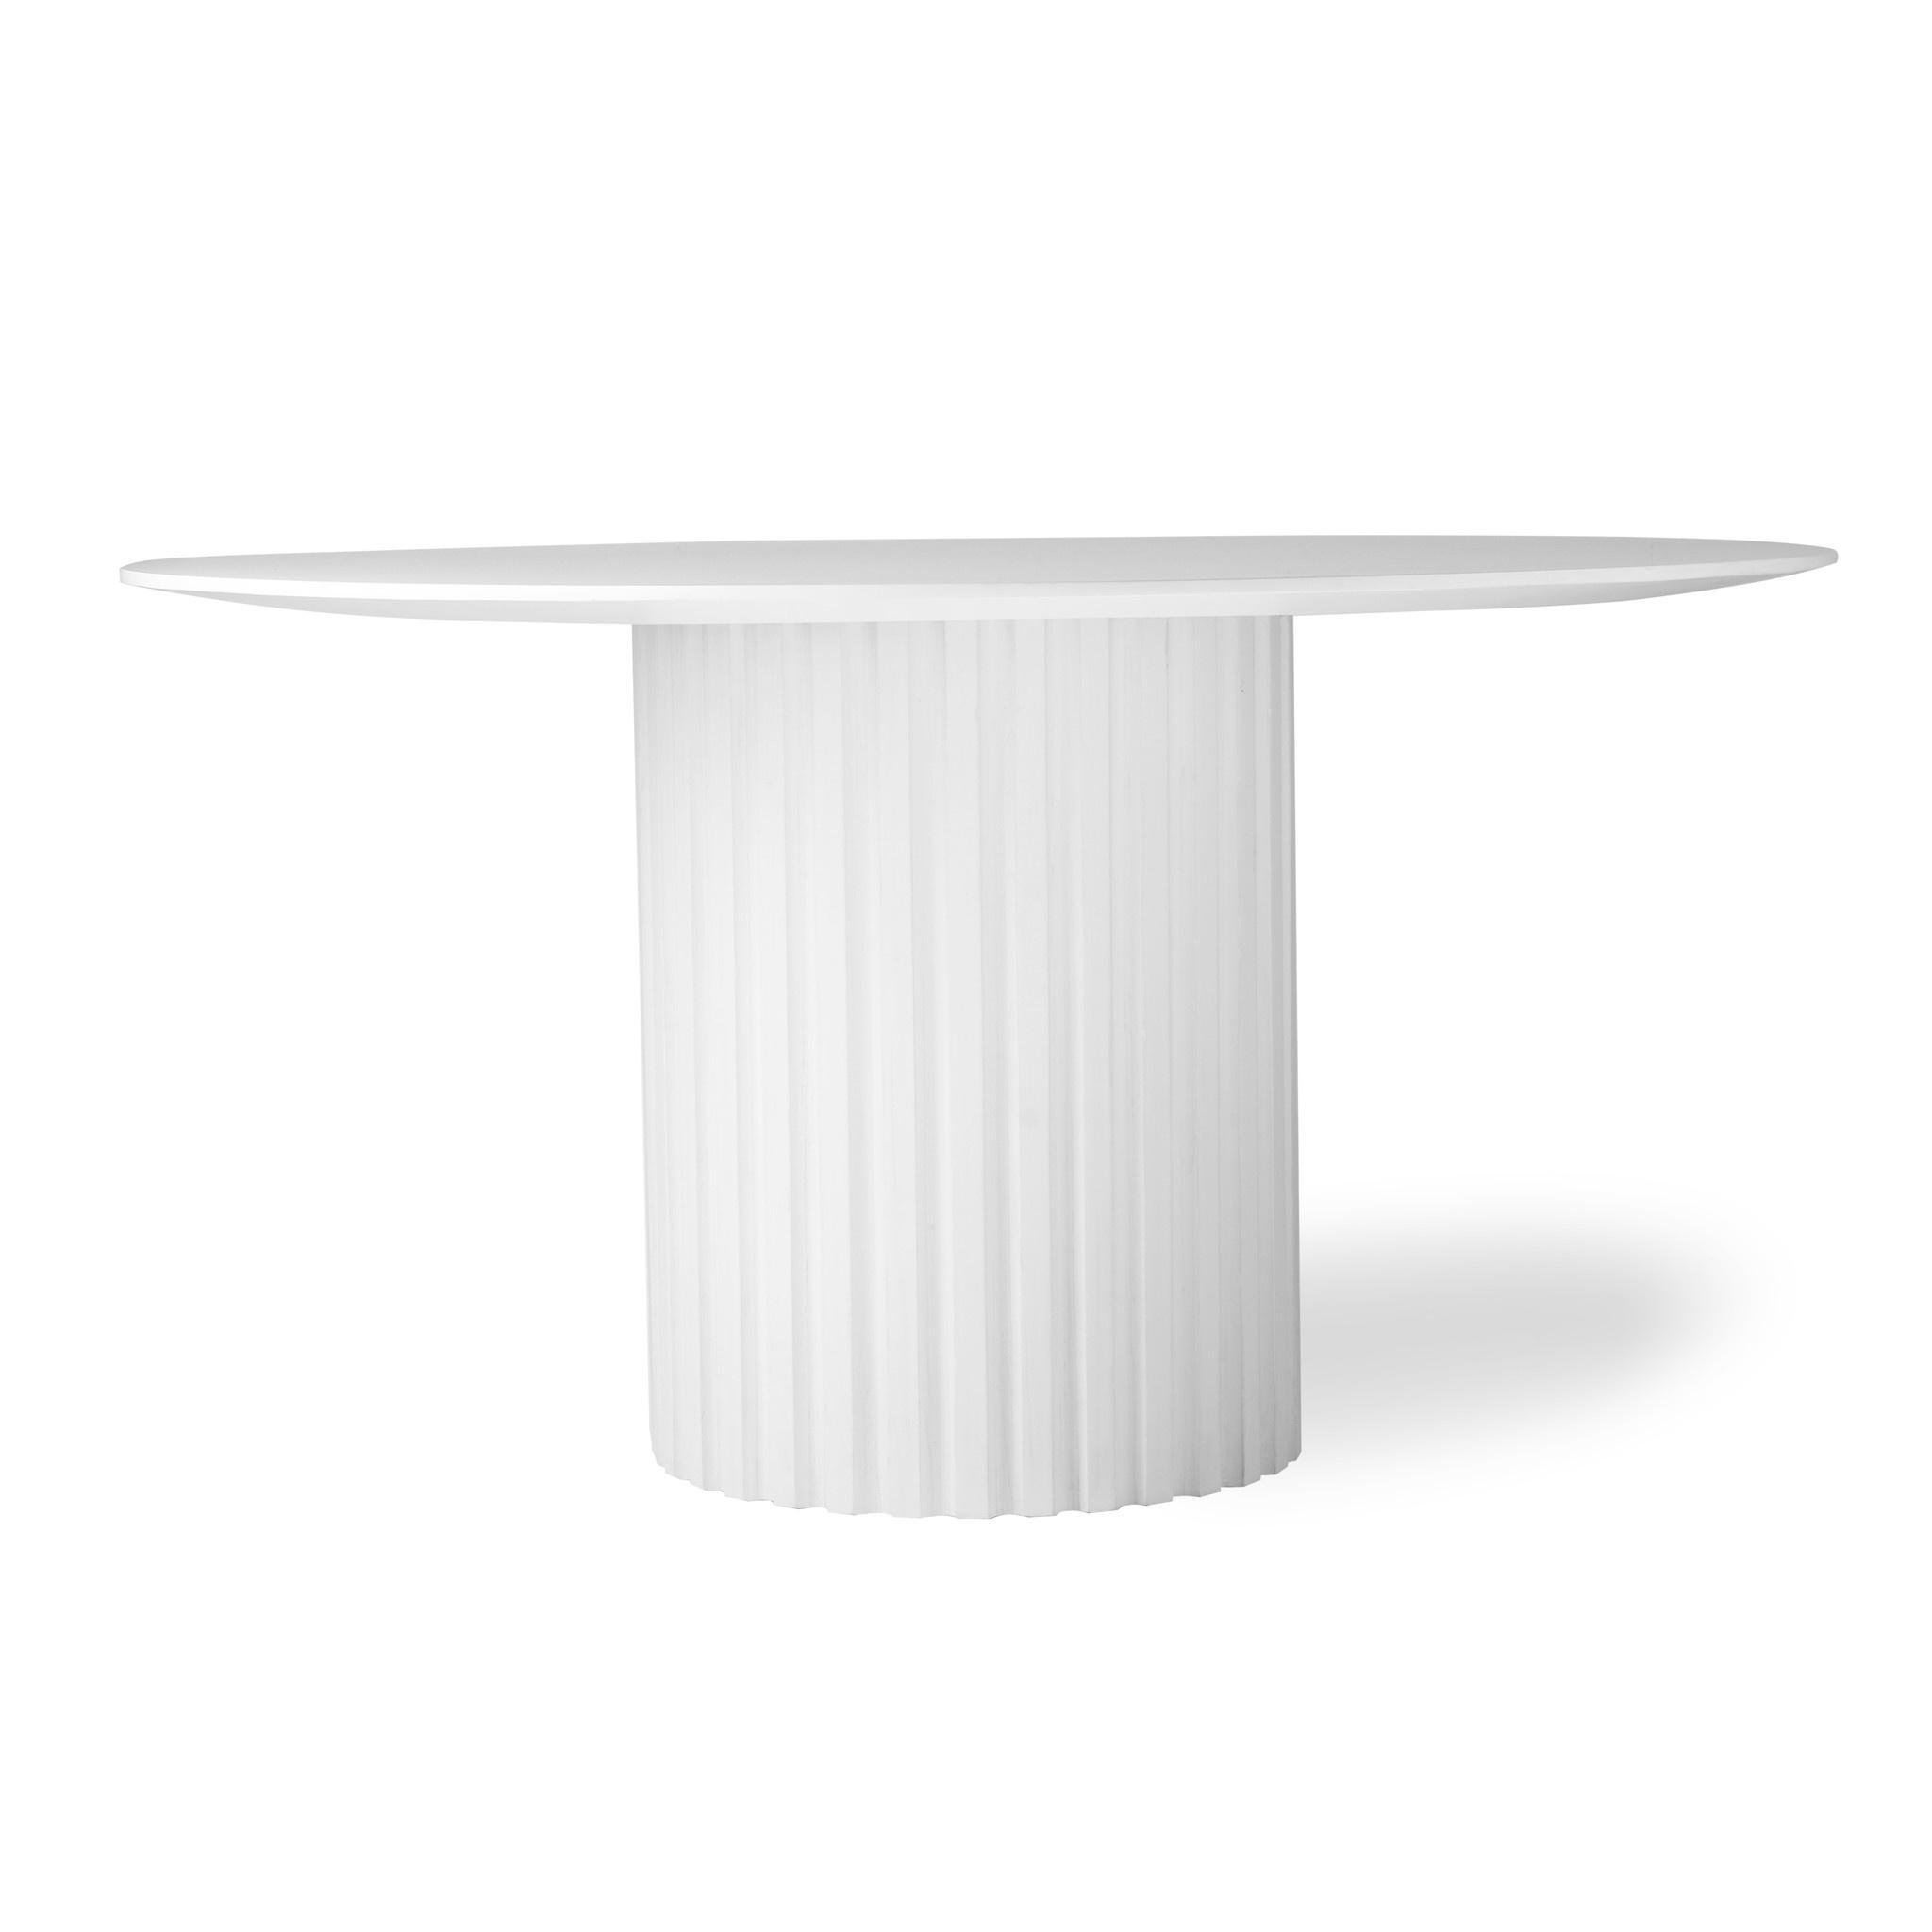 Full Size of Esstisch Weiß Oval Hkliving Um Schwarz Oder Wei Neue Kollektion 2020 Stühle Ausziehbarer Weiße Küche Runder Ausziehbar Badezimmer Hochschrank Weißer Eiche Esstische Esstisch Weiß Oval